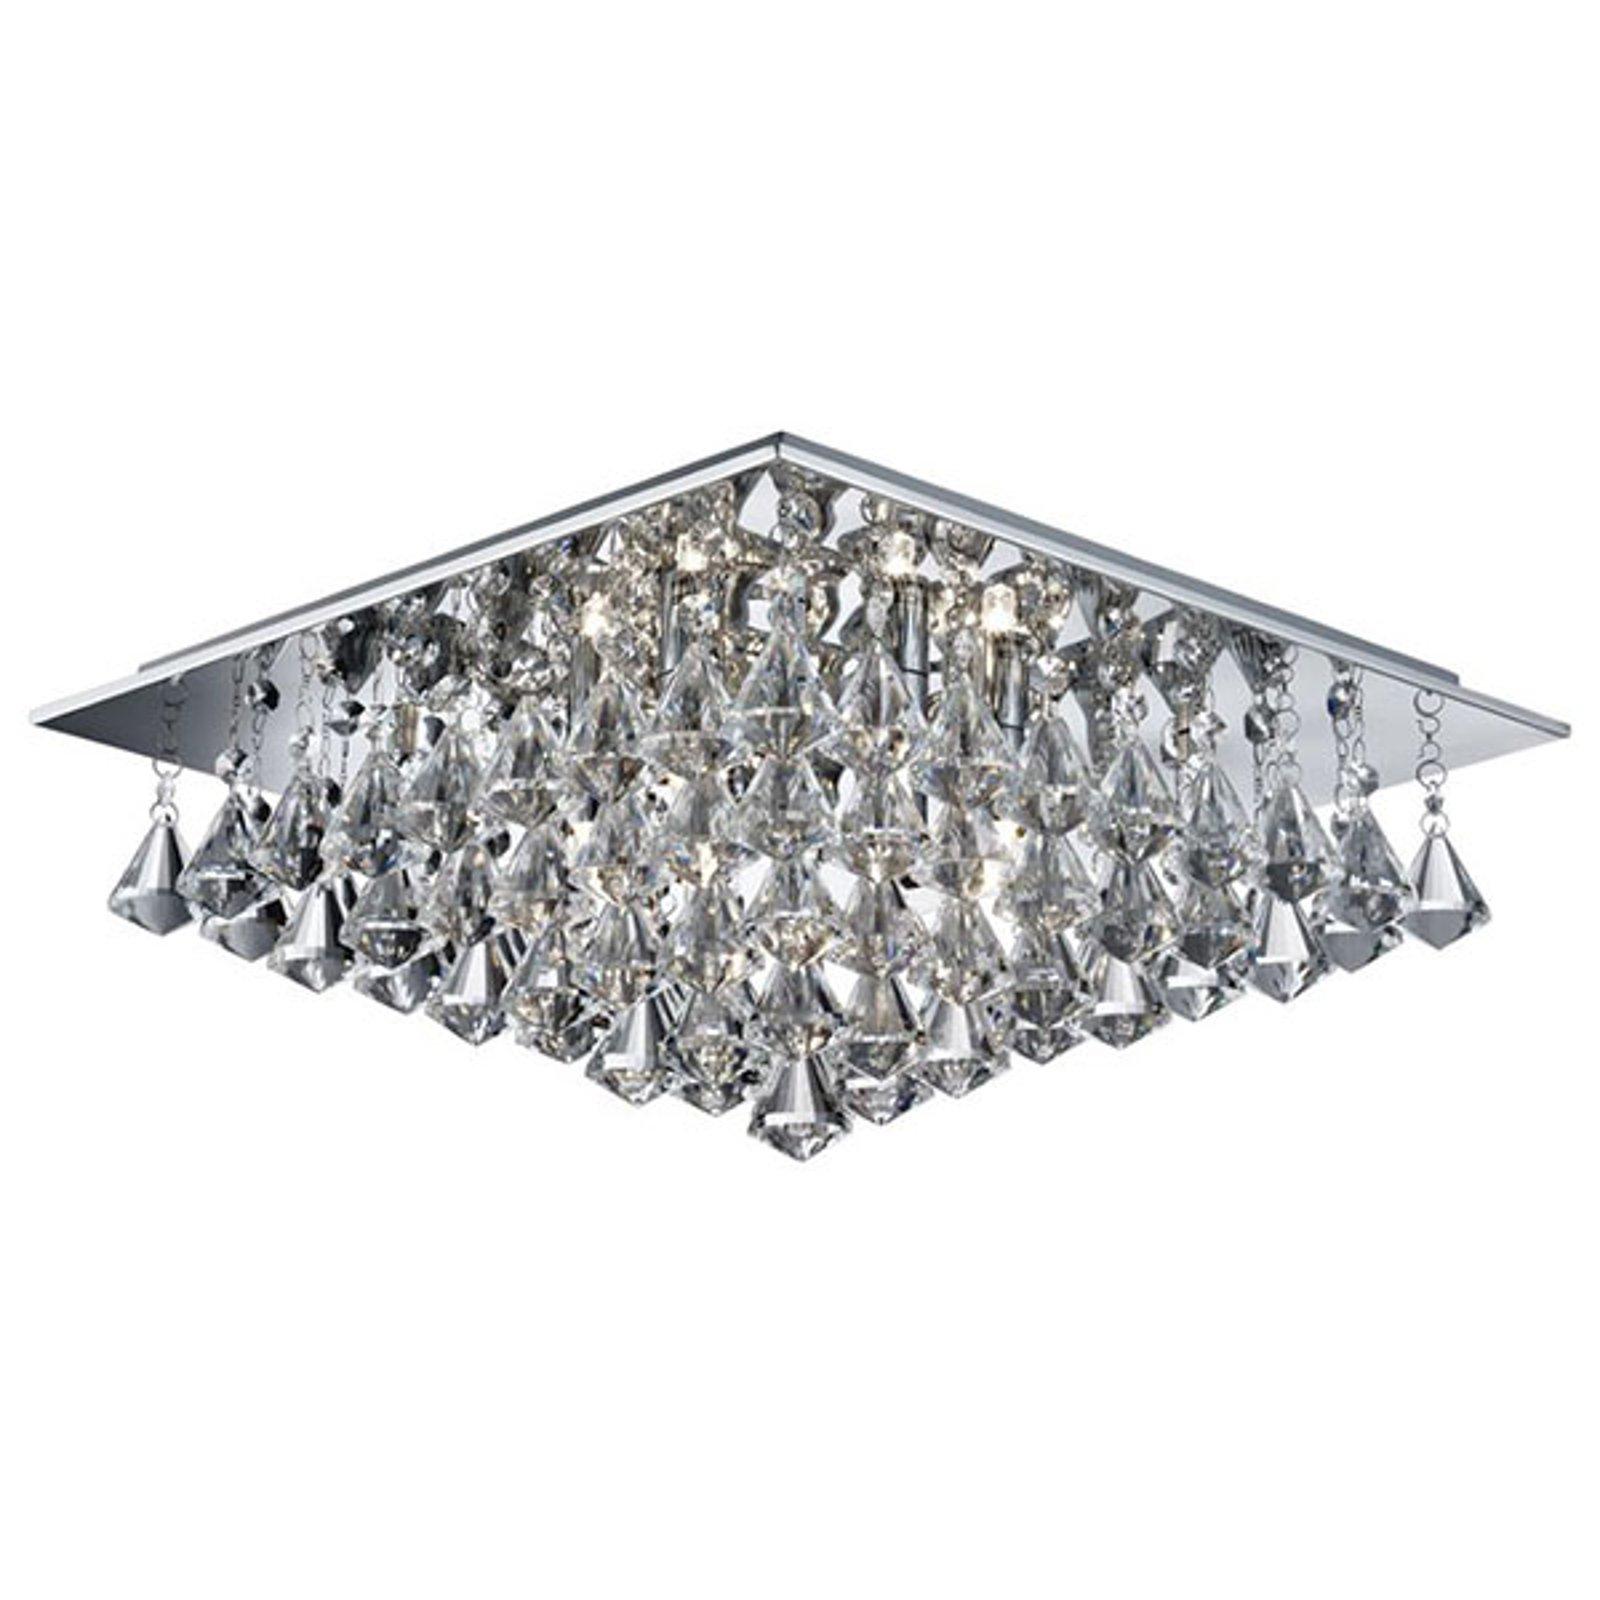 Taklampe Hanna med krystallprismer, 44 x 44 cm